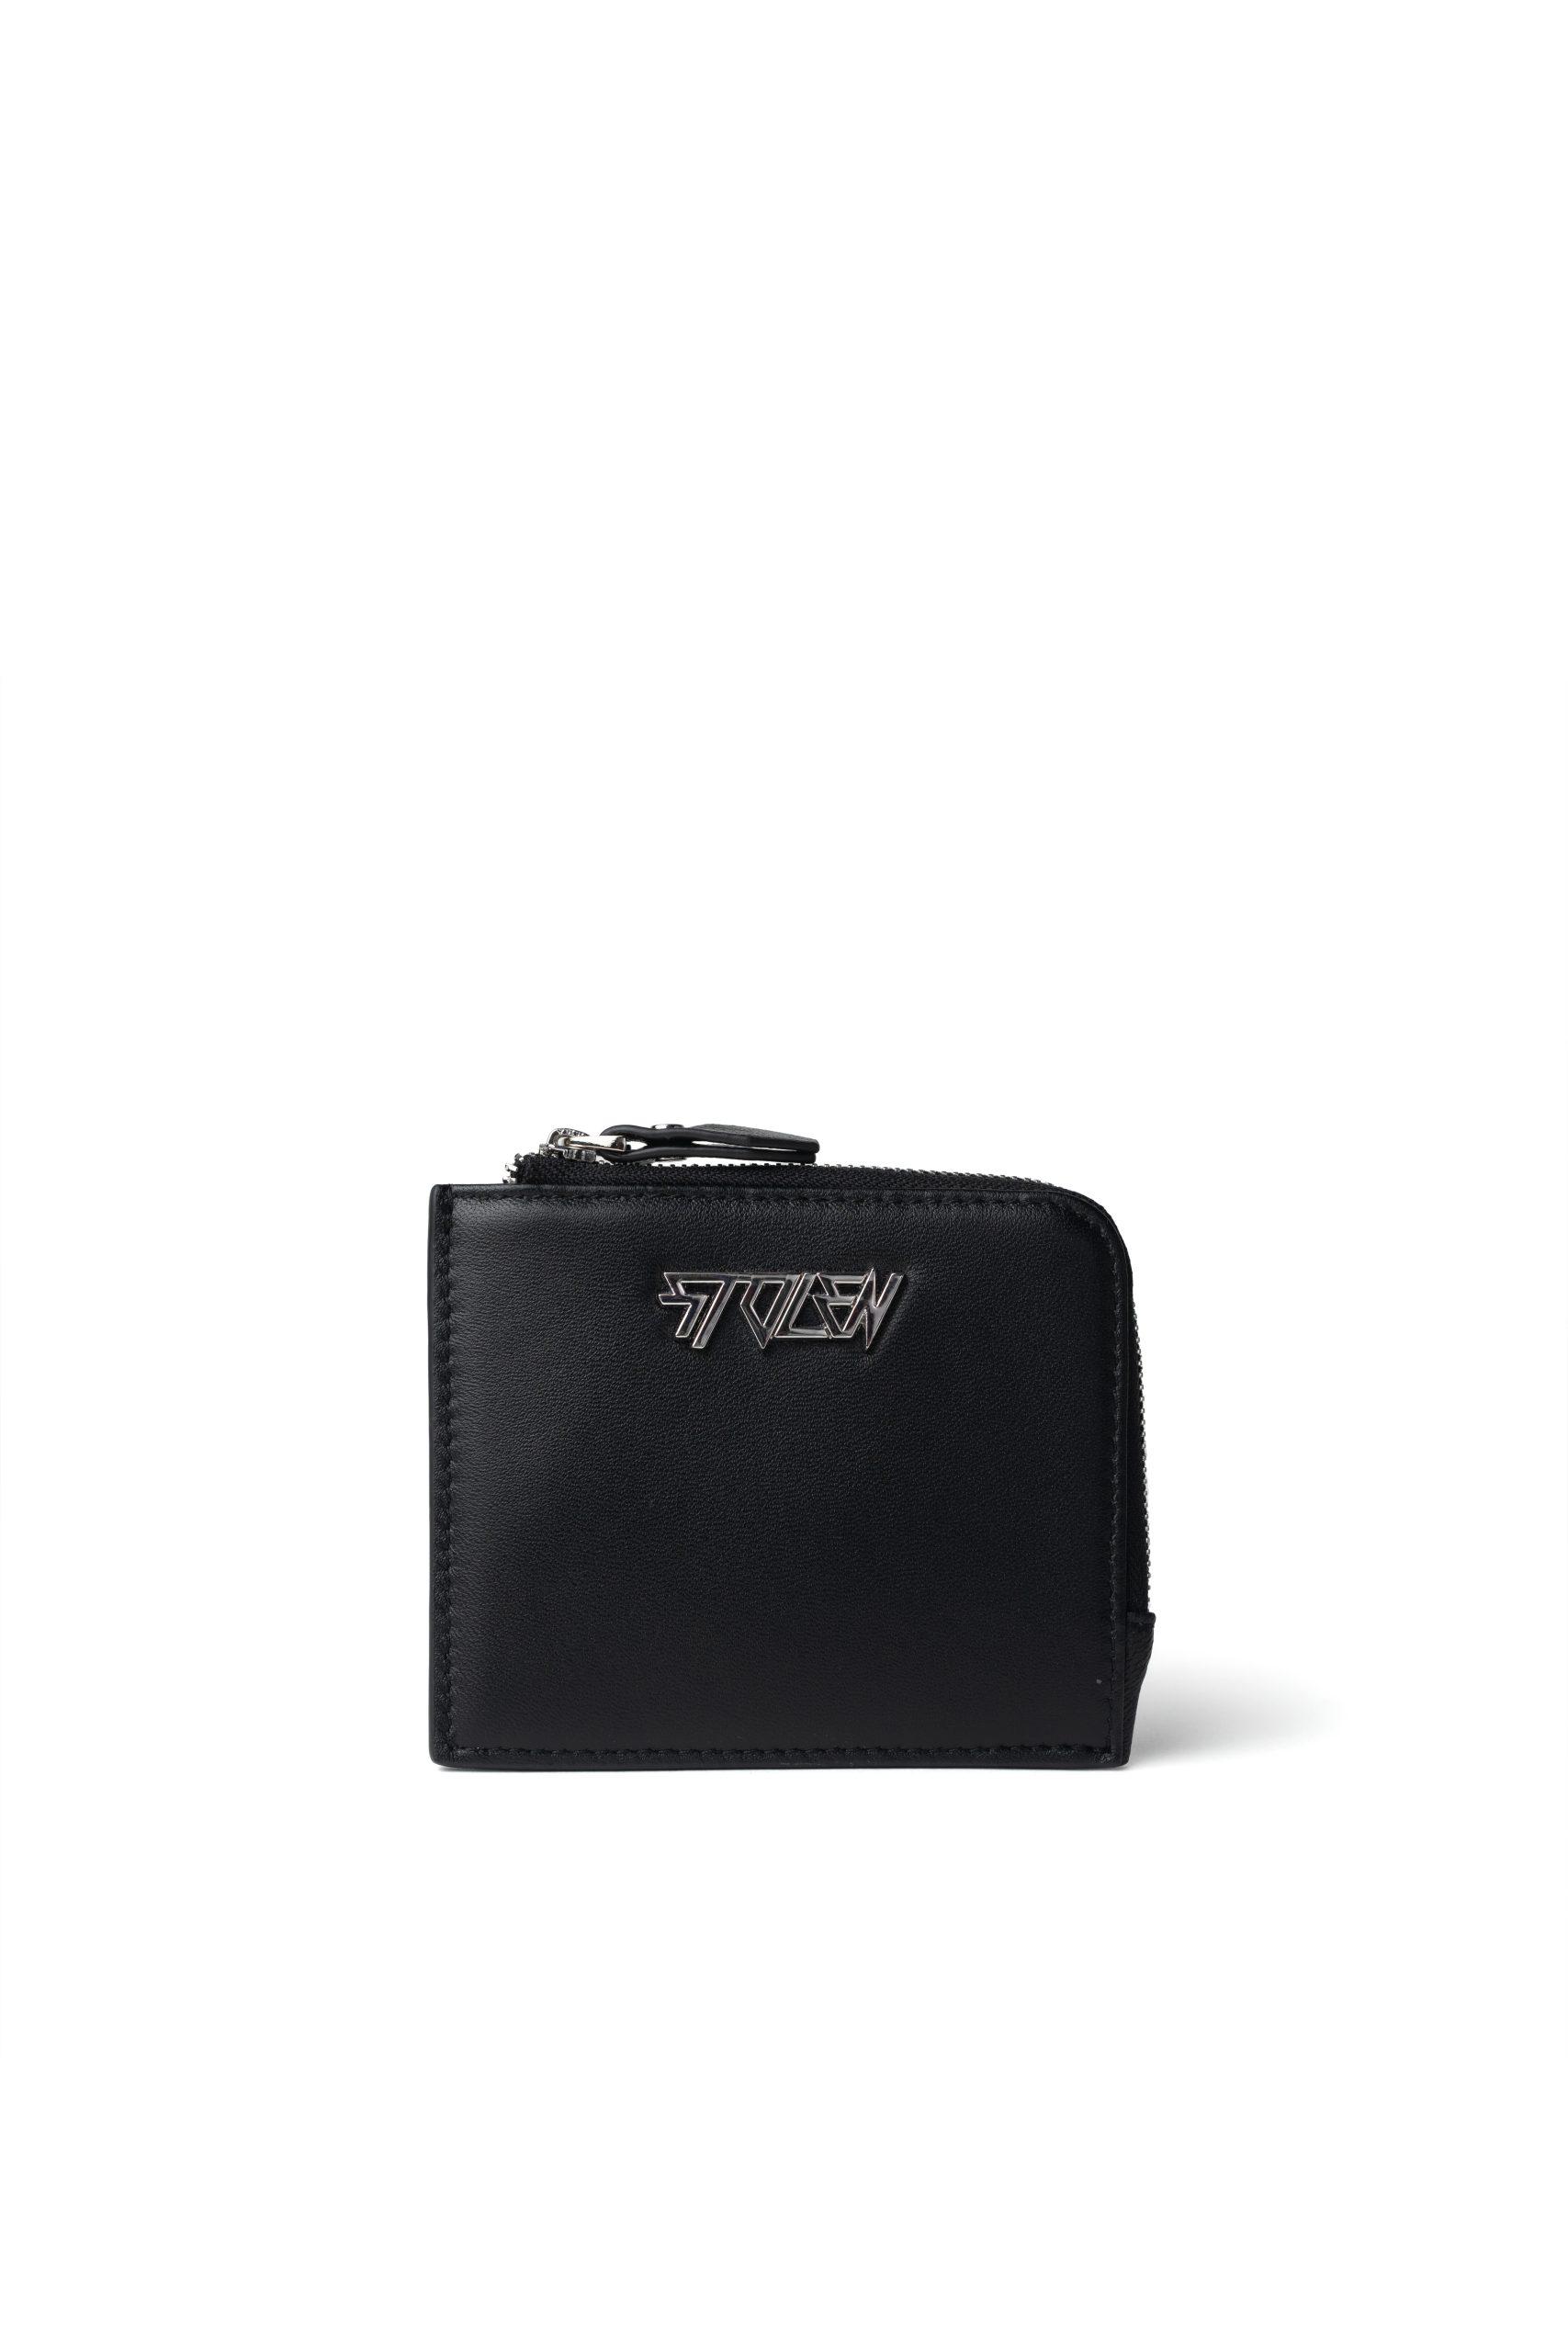 B046F Little Trouble Wallet Black RRP $149